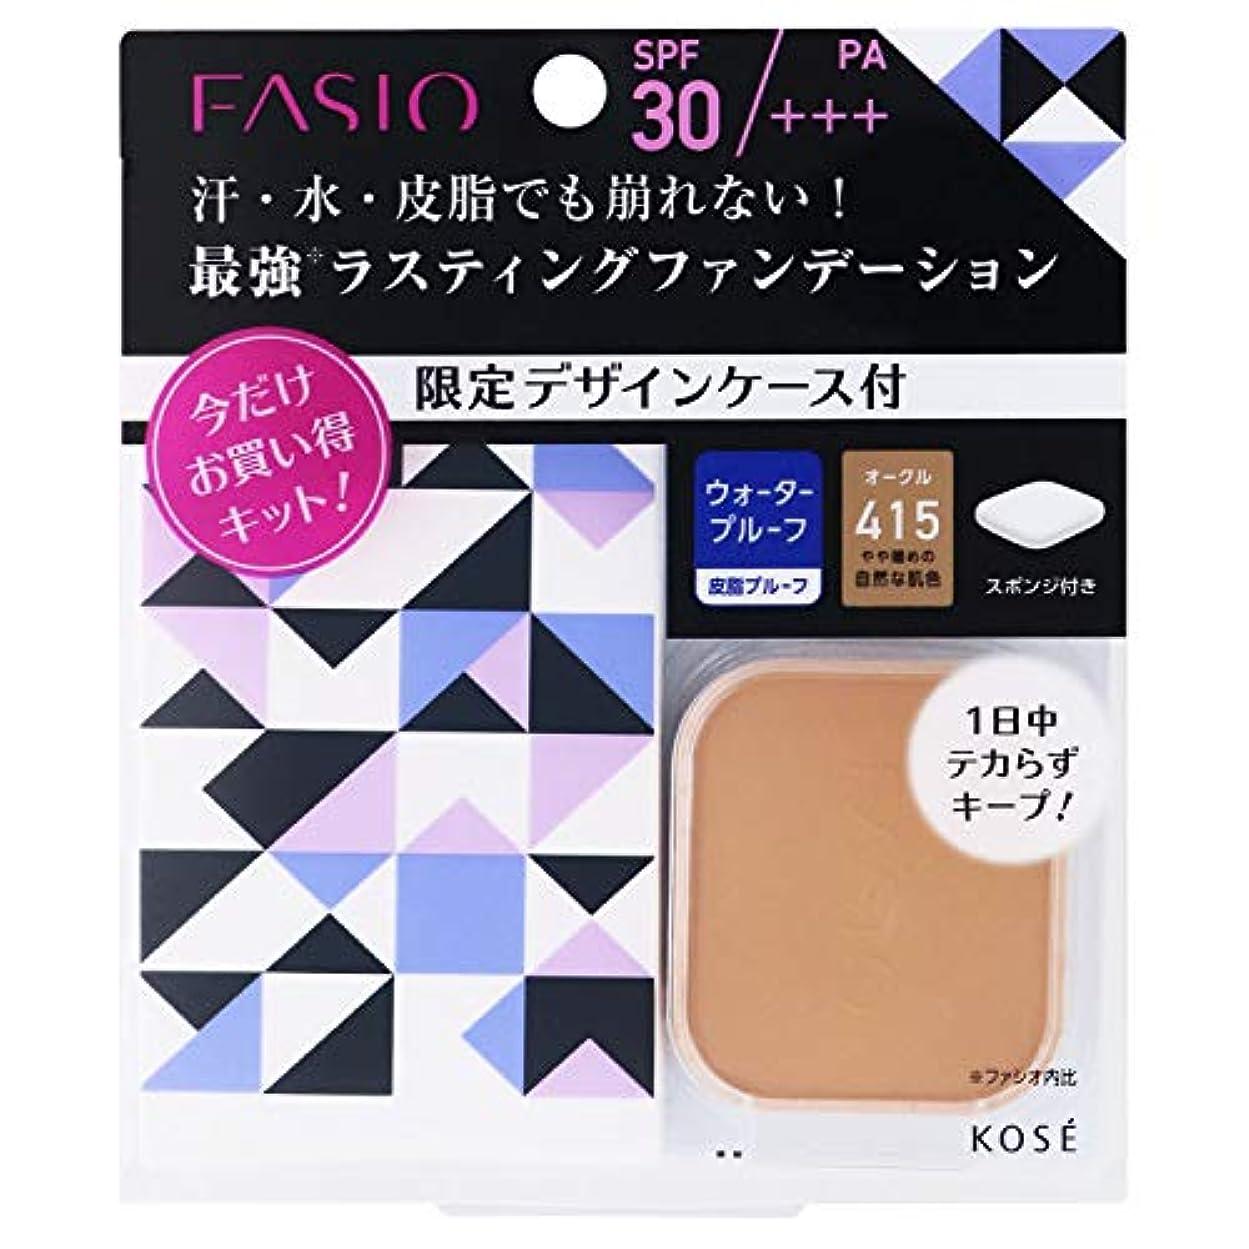 溶けた基礎理論品種ファシオ ラスティング ファンデーション WP キット 3 415 オークル やや暗めの自然な肌色 10g